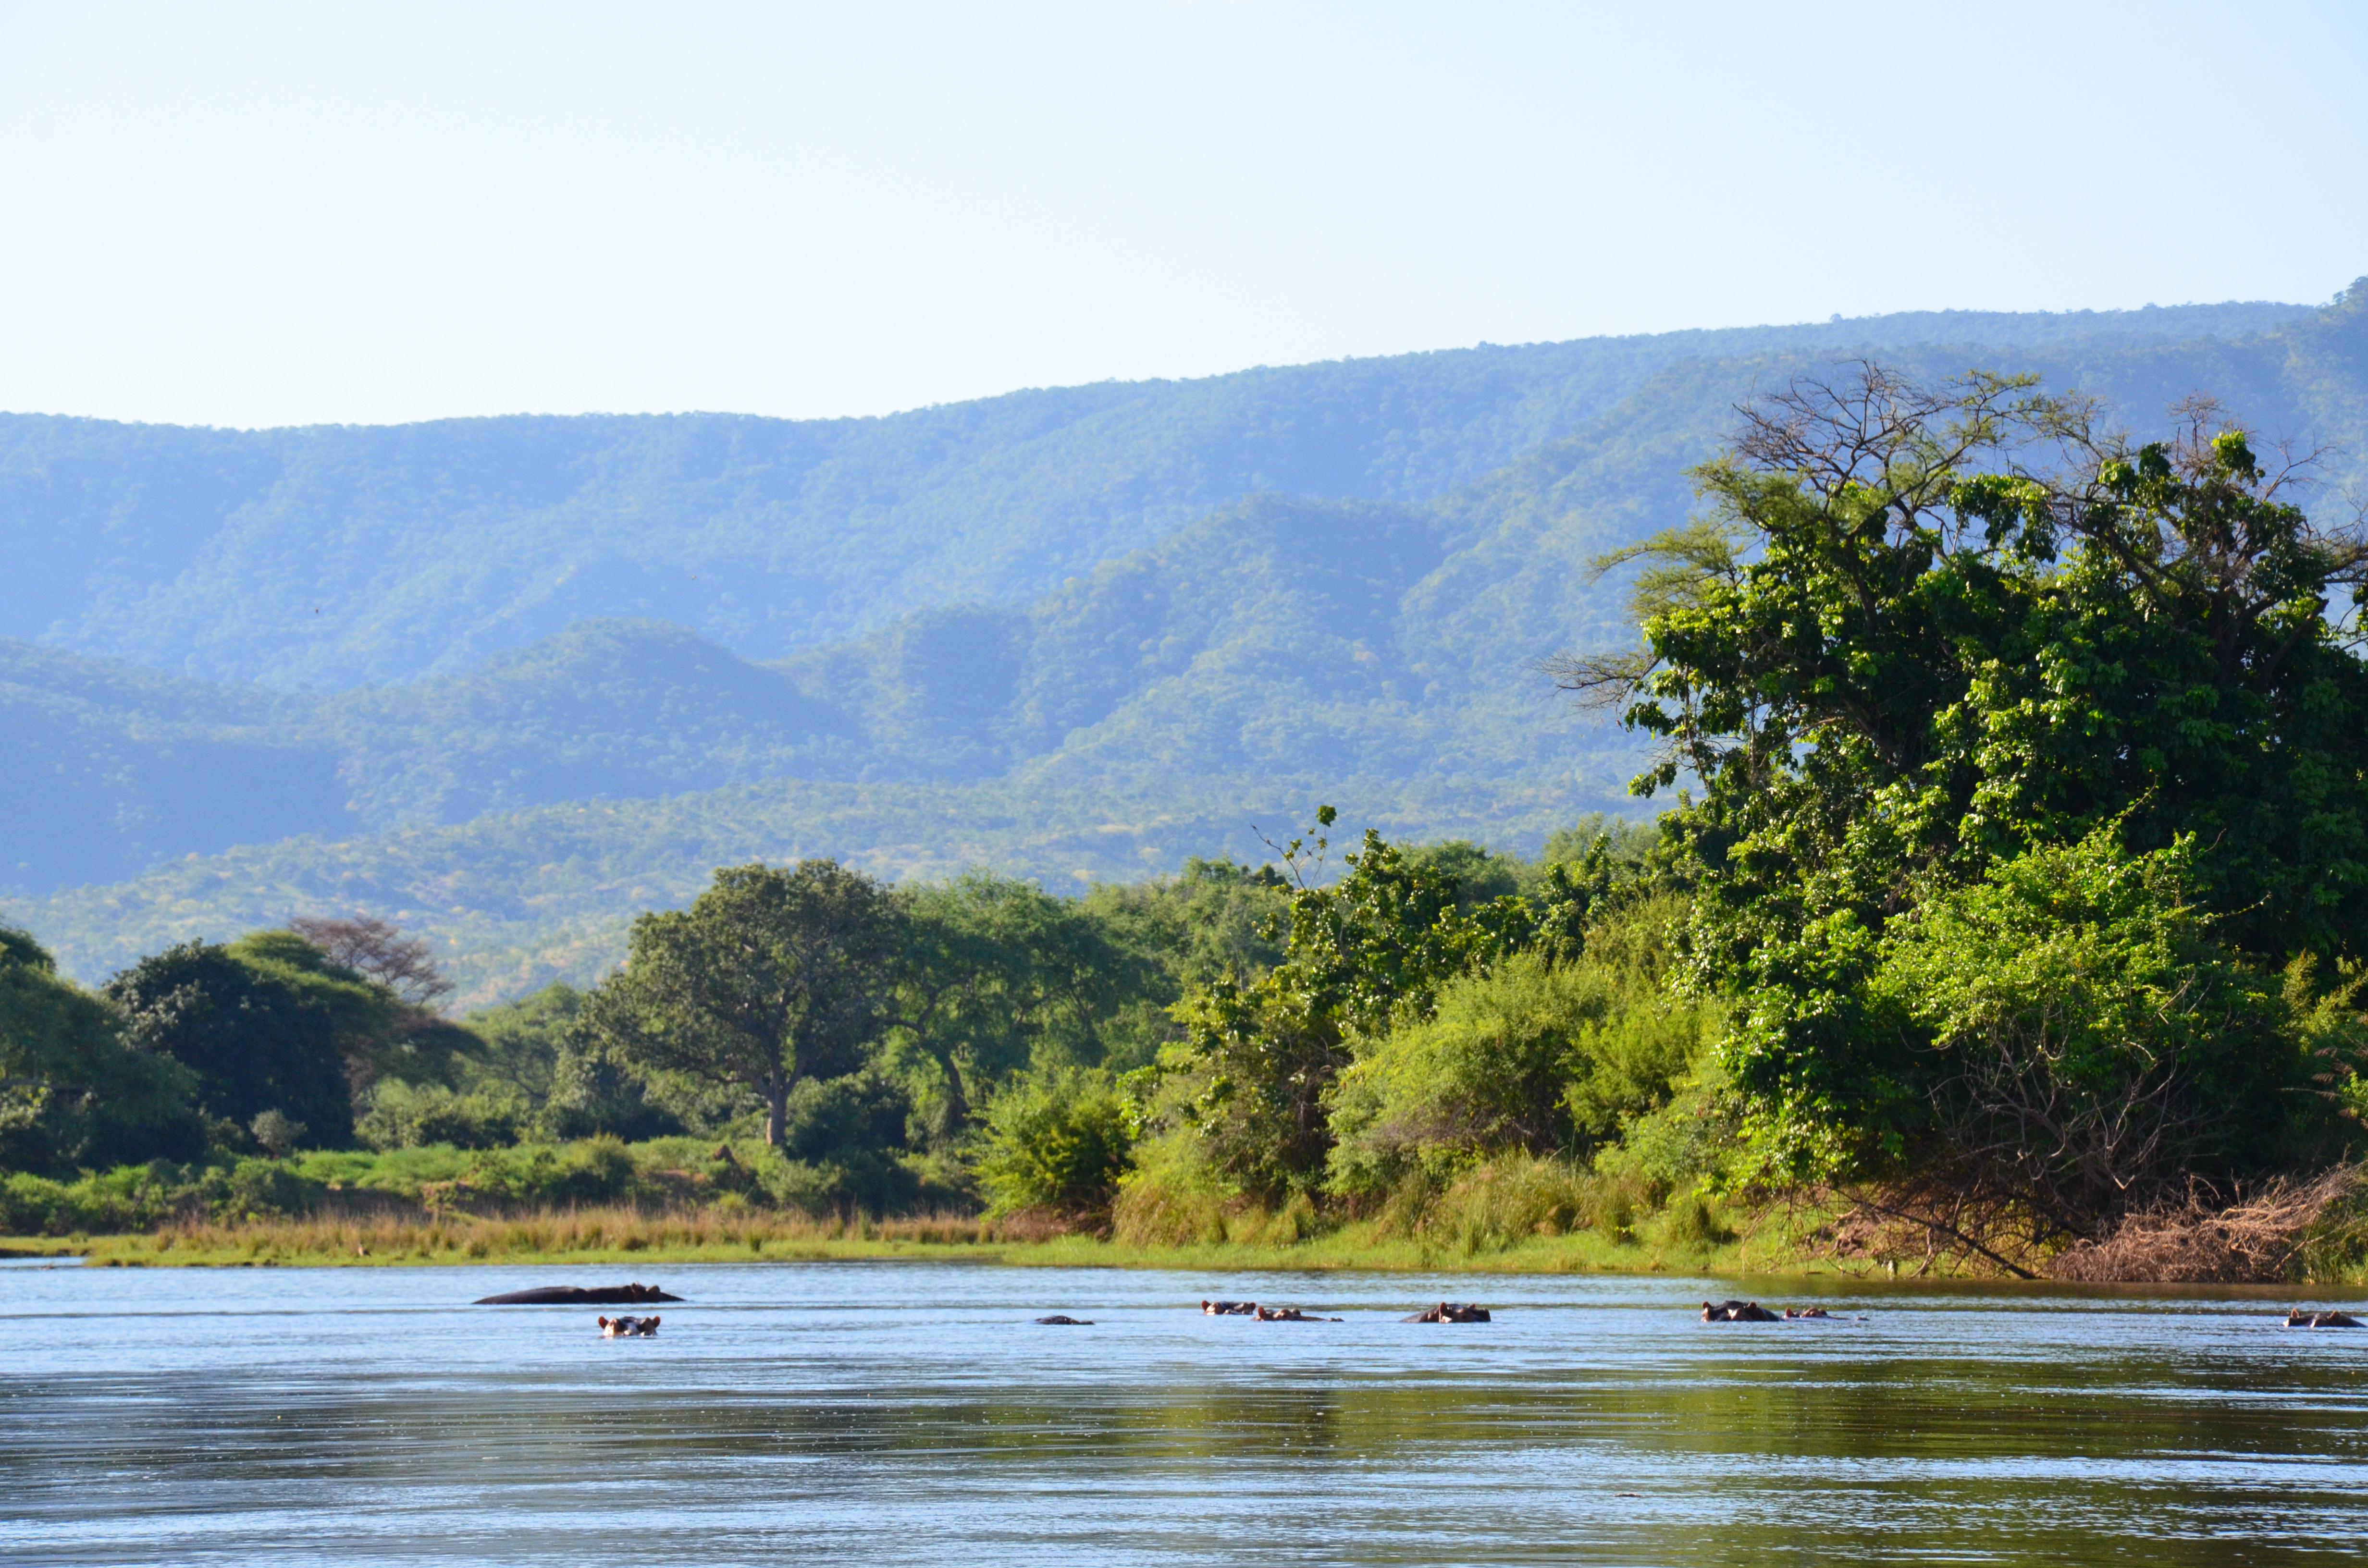 Woman in Zambezi